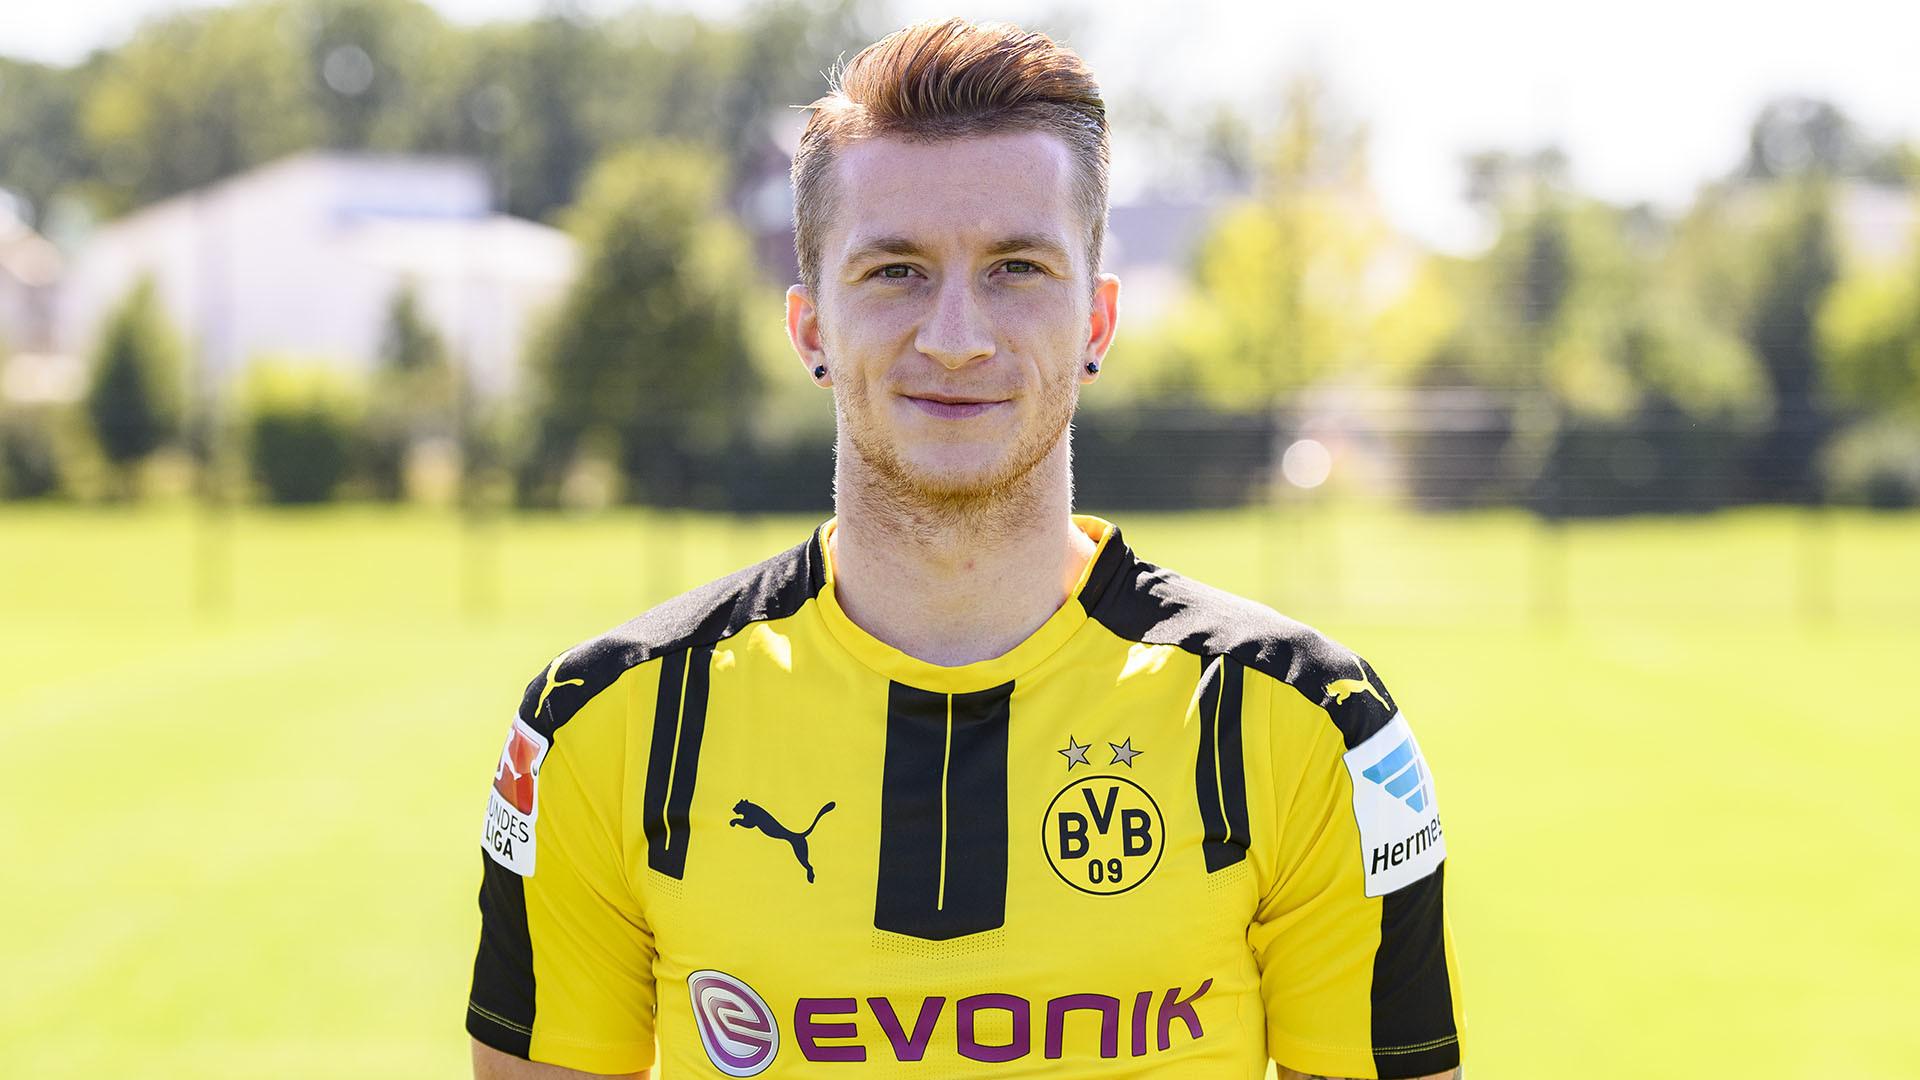 Mario Reuss